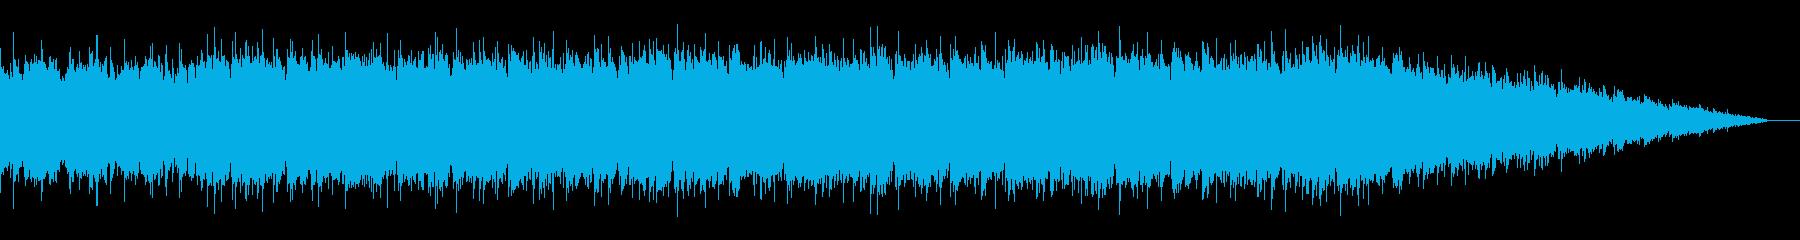 感動・バラード・壮大・広がり・ロックの再生済みの波形